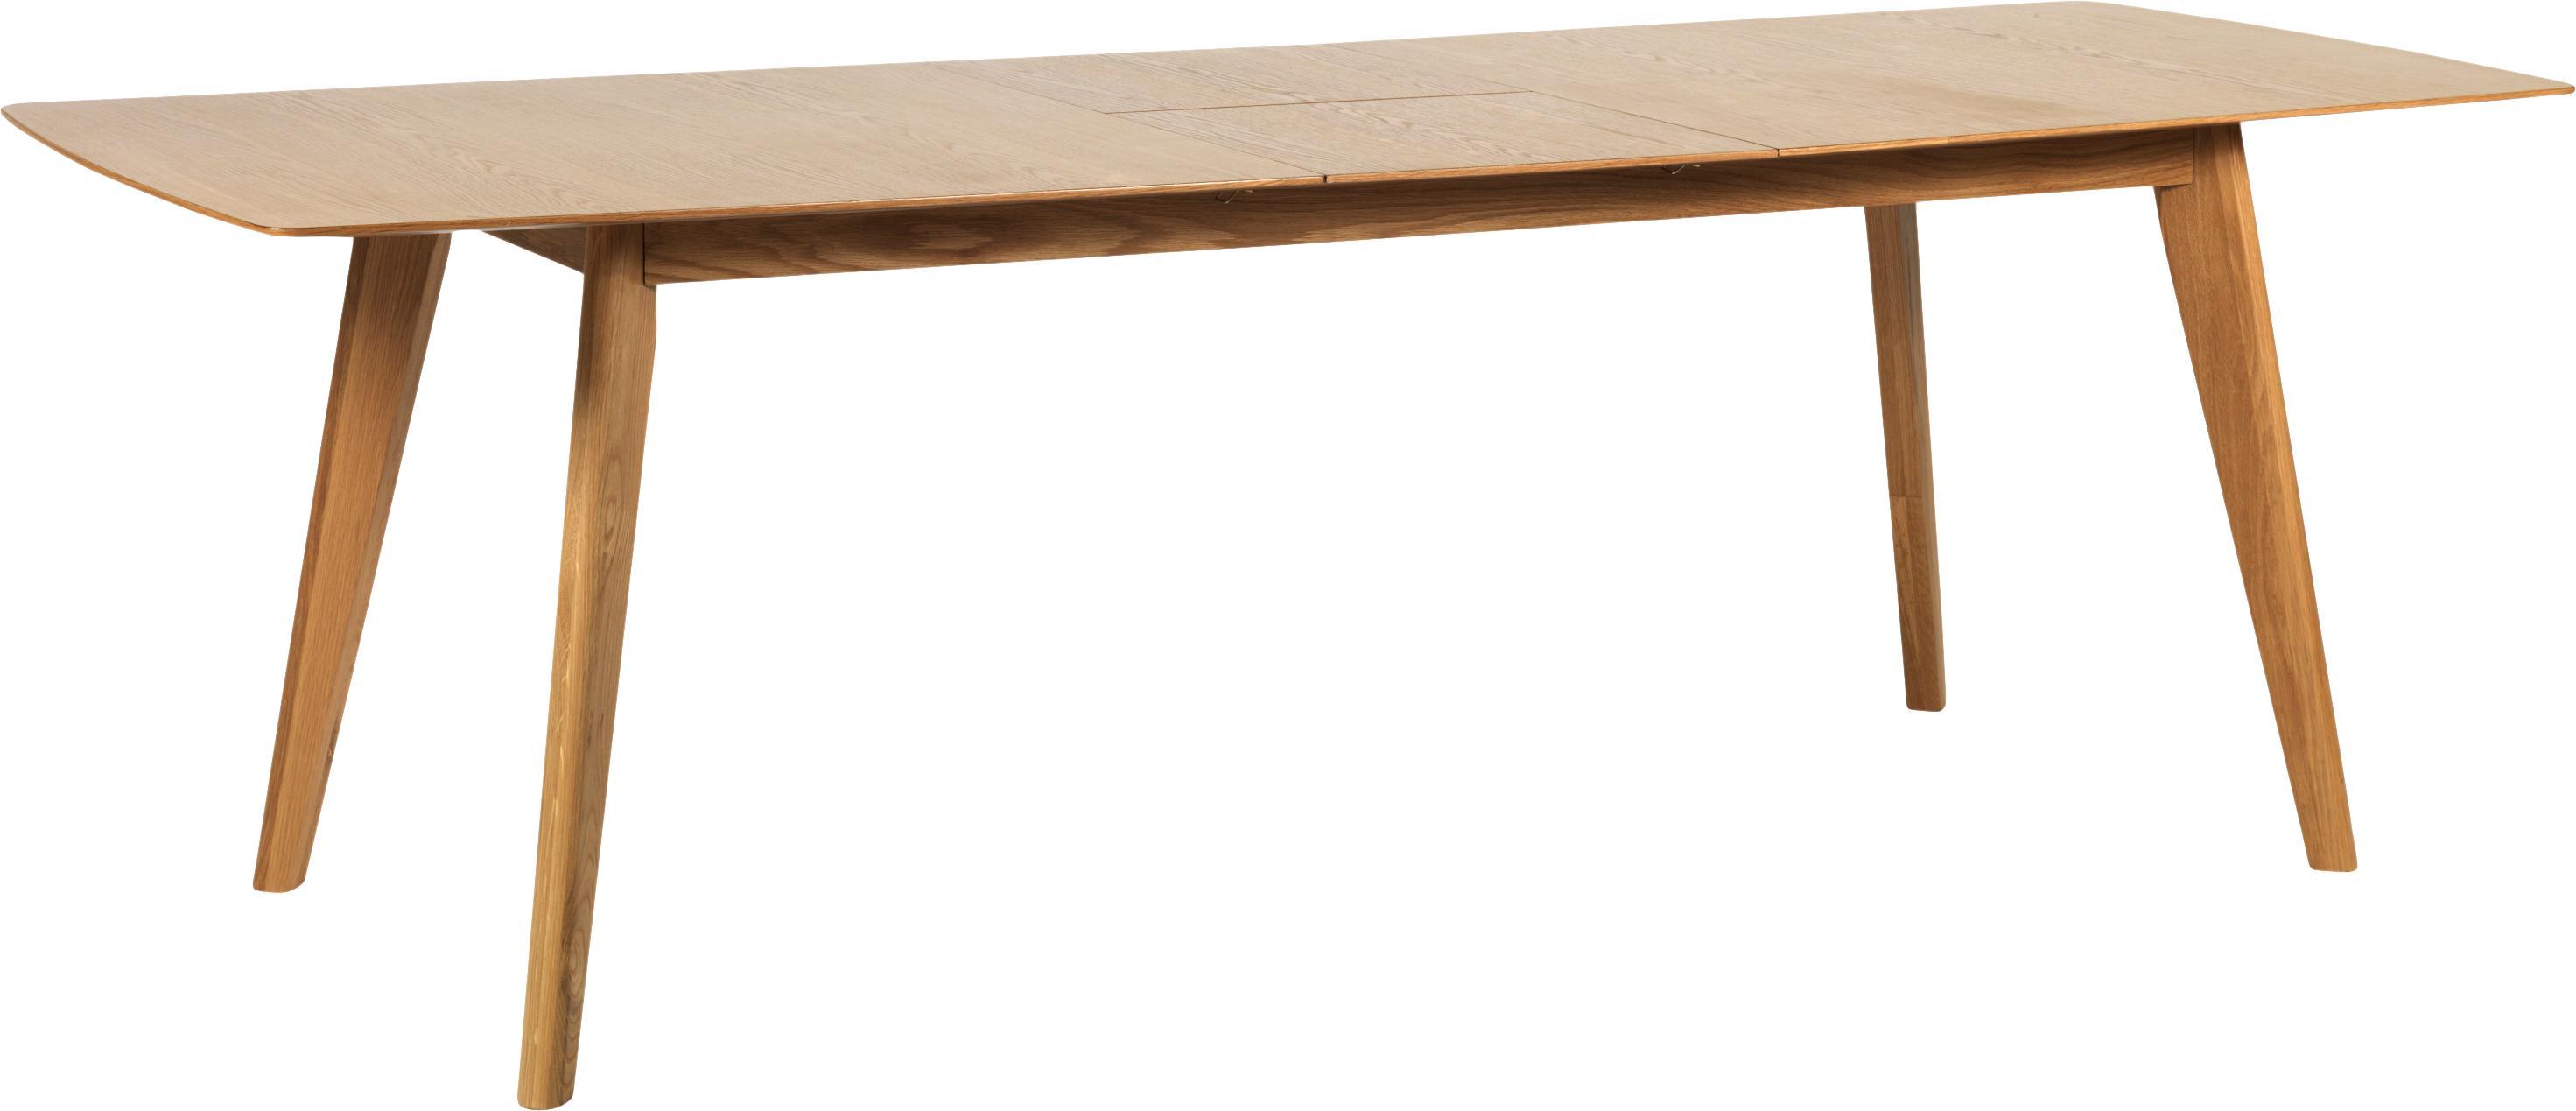 Table extensible pieds en bois Cirrus, Bois de chêne, mat